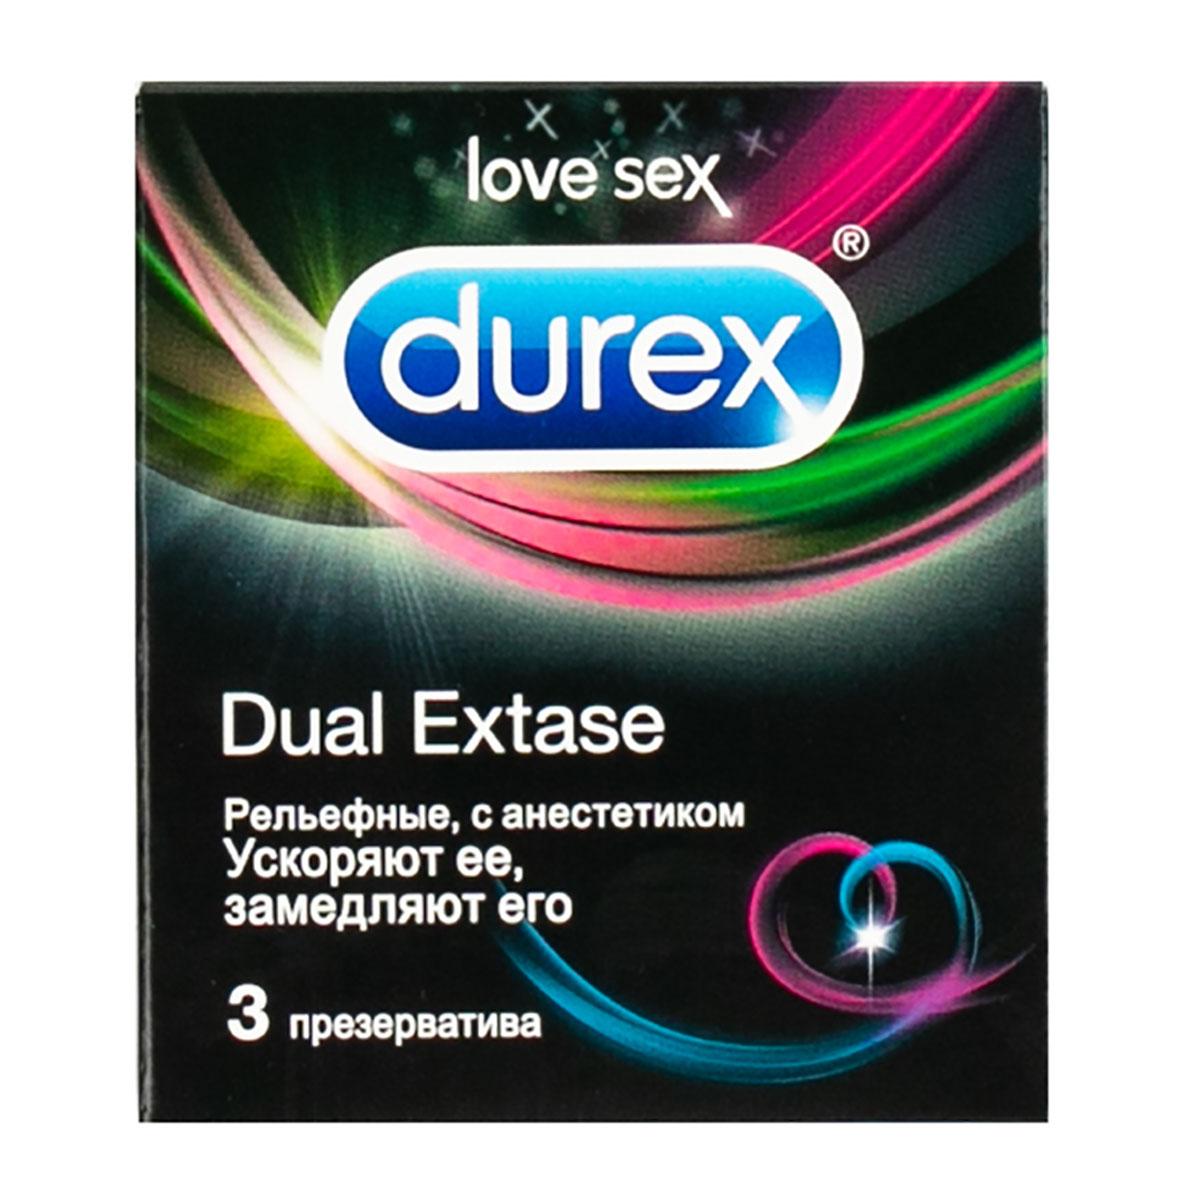 Durex Dual Extase рельефные с анестетиком